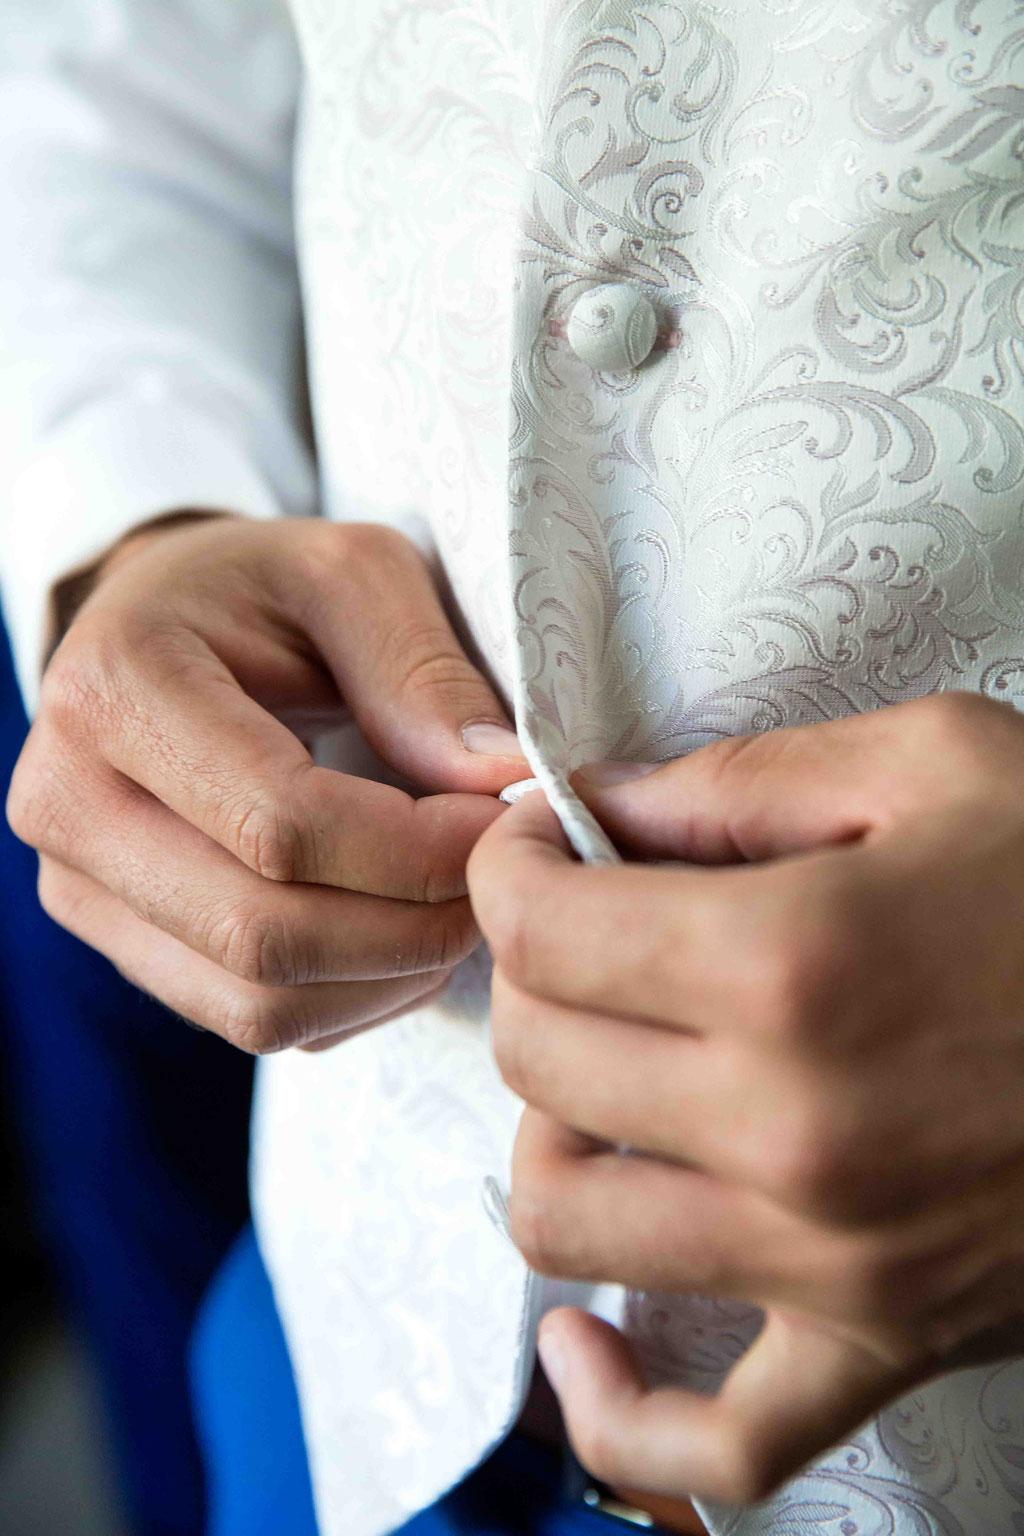 Hochzeit: Weststadtbar Darmstadt, Mainzer Straße 106, 64293 Darmstadt - Hochzeitsfotograf, Bräutigam zieht sich an, Getting Ready Bilder an der Hochzeit